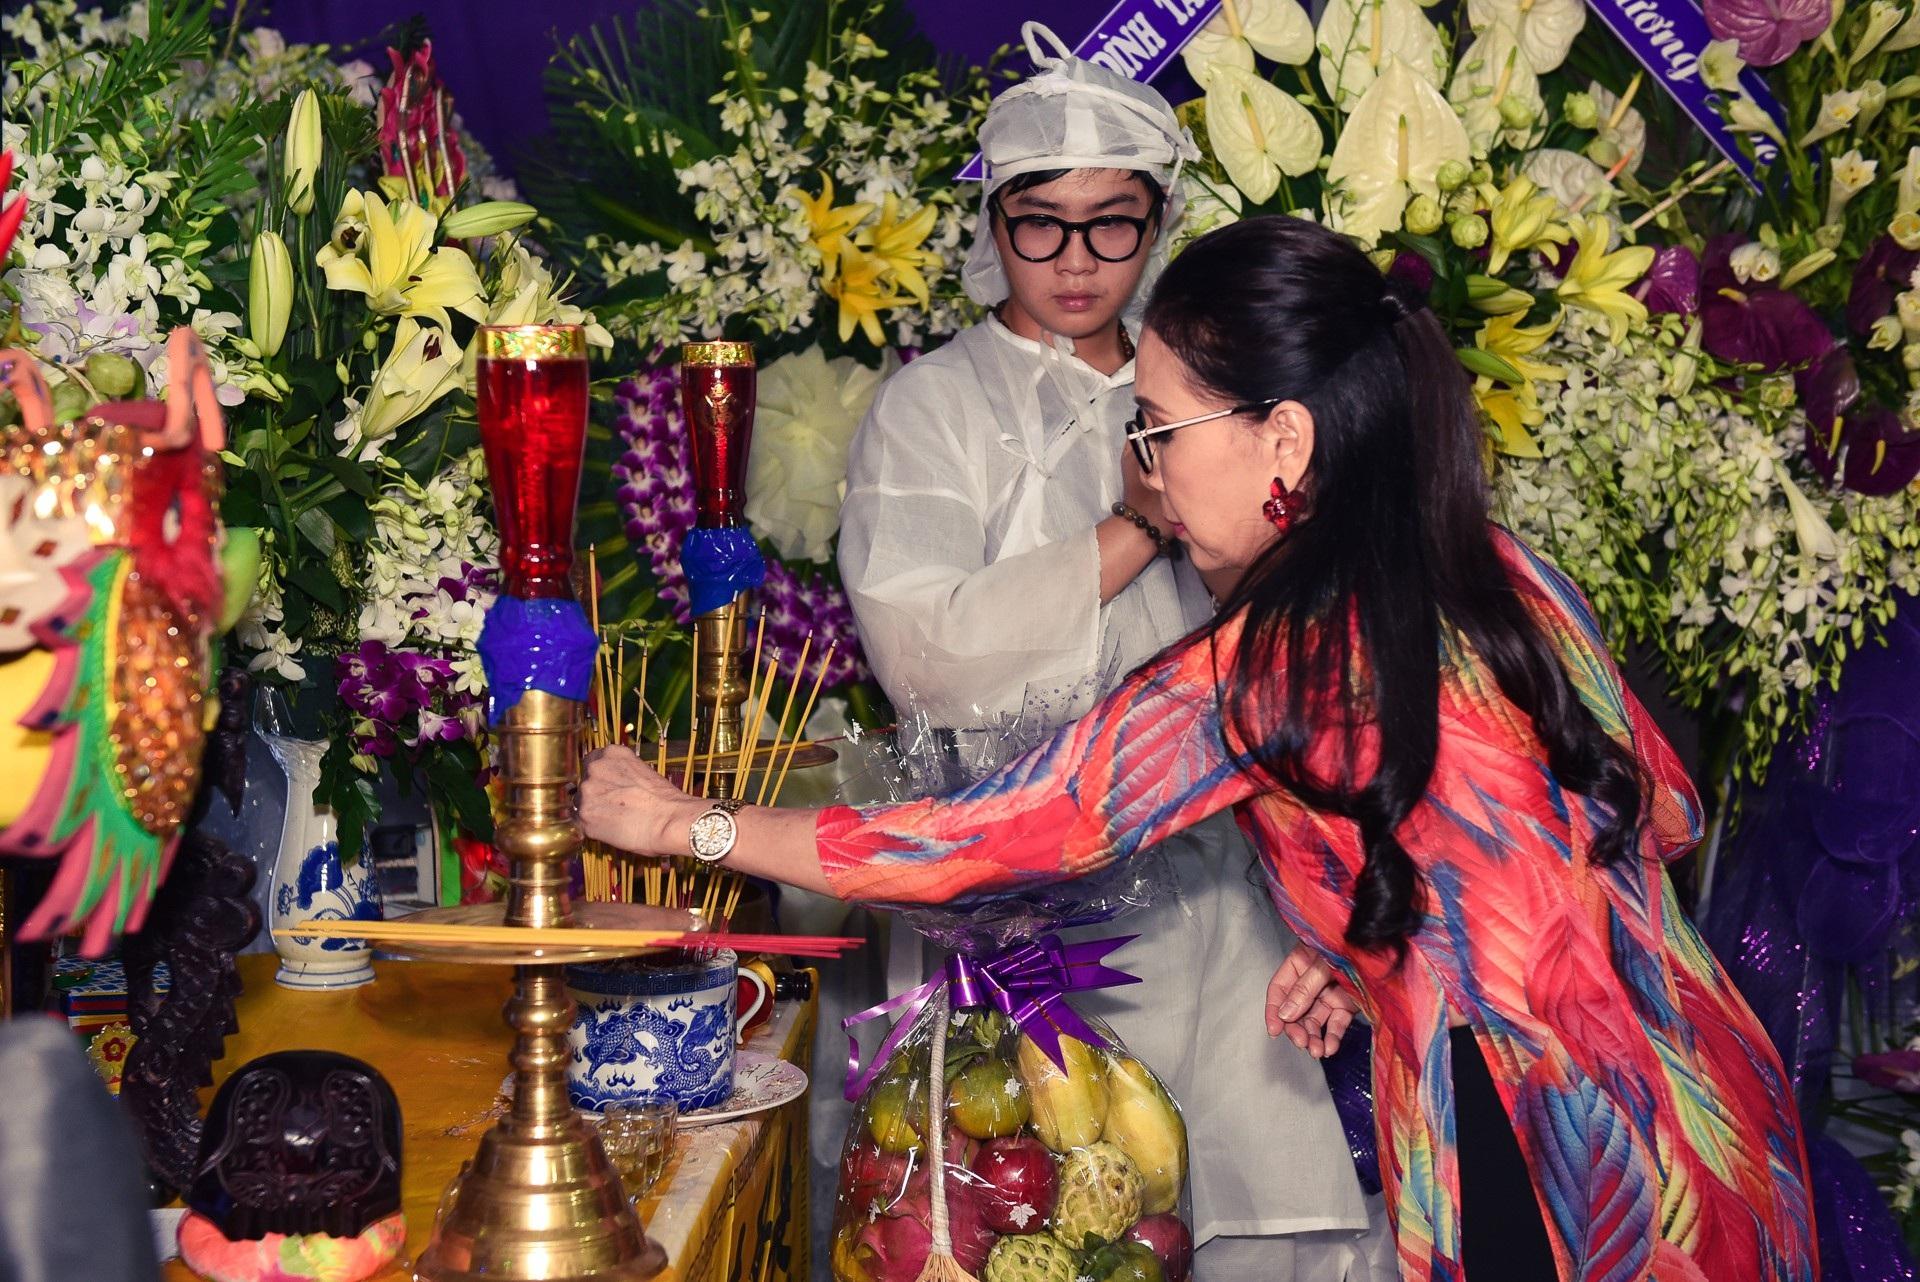 Kim Xuân, Quyền Linh, Anh Đức… xúc động khi đến viếng diễn viên Mạnh Tràng - Ảnh 3.